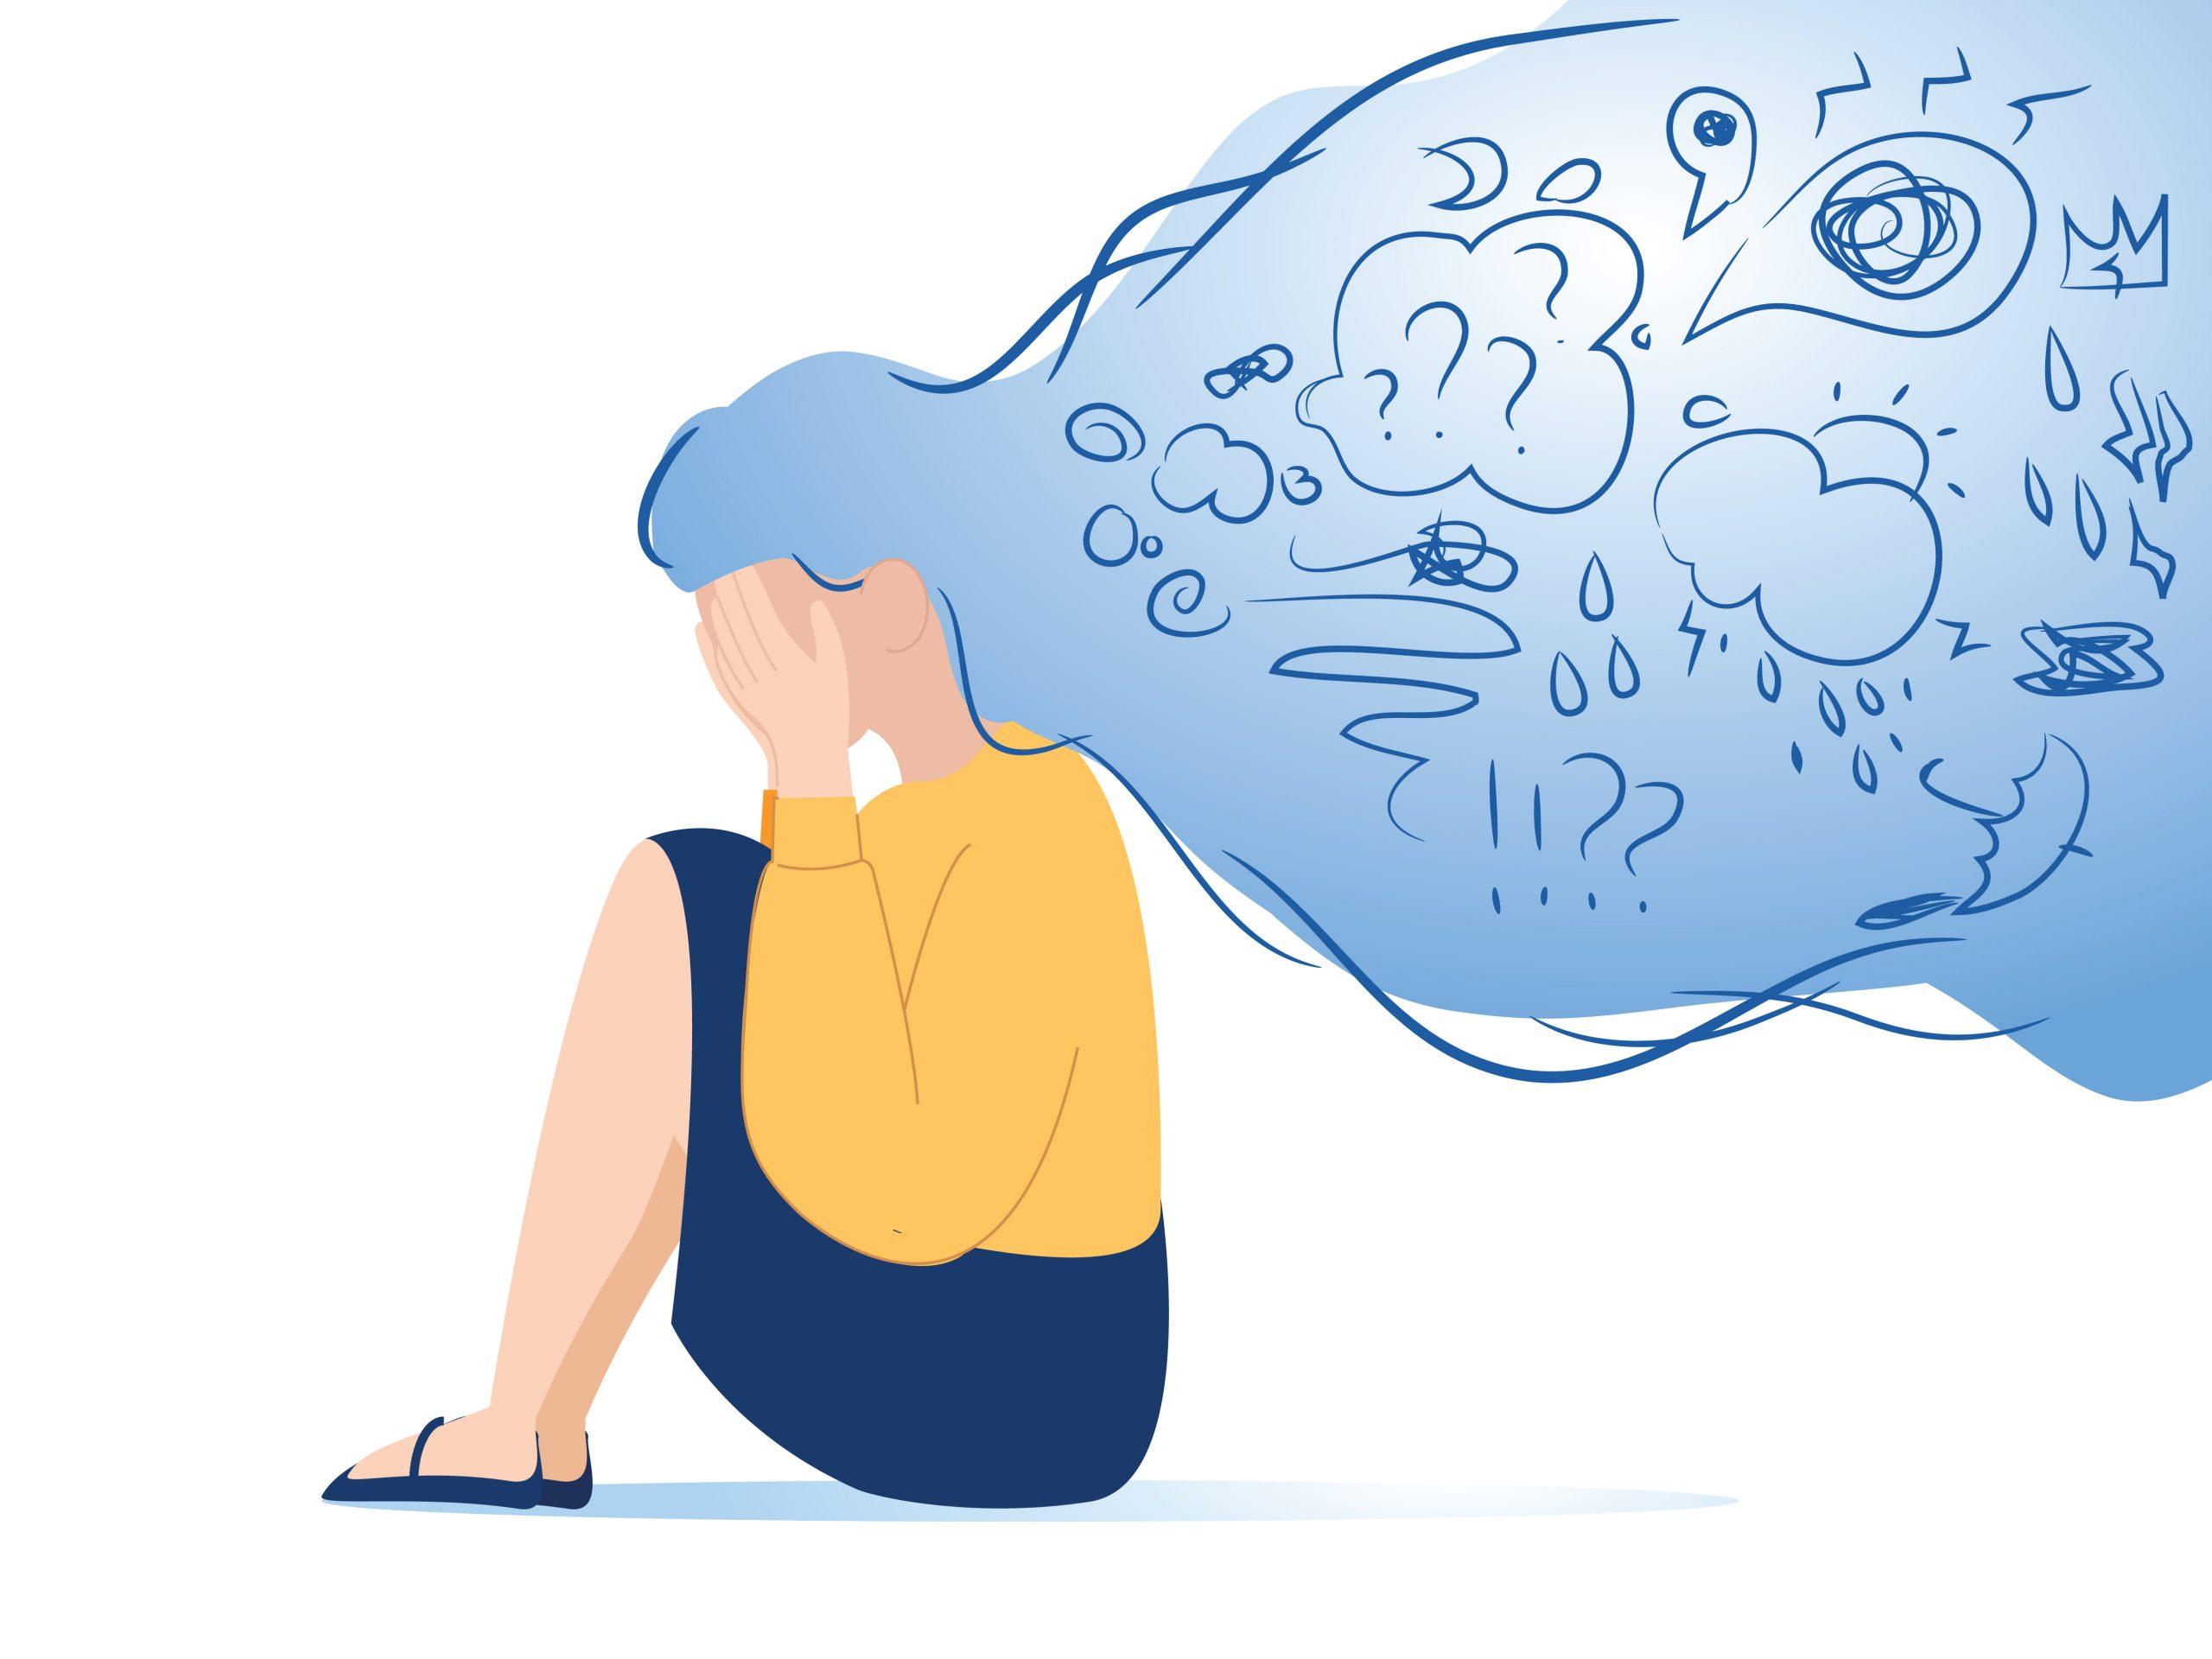 Da li nova psihološka metoda zaista ublažava anksioznost? Evo šta kažu stručnjaci thumbnail